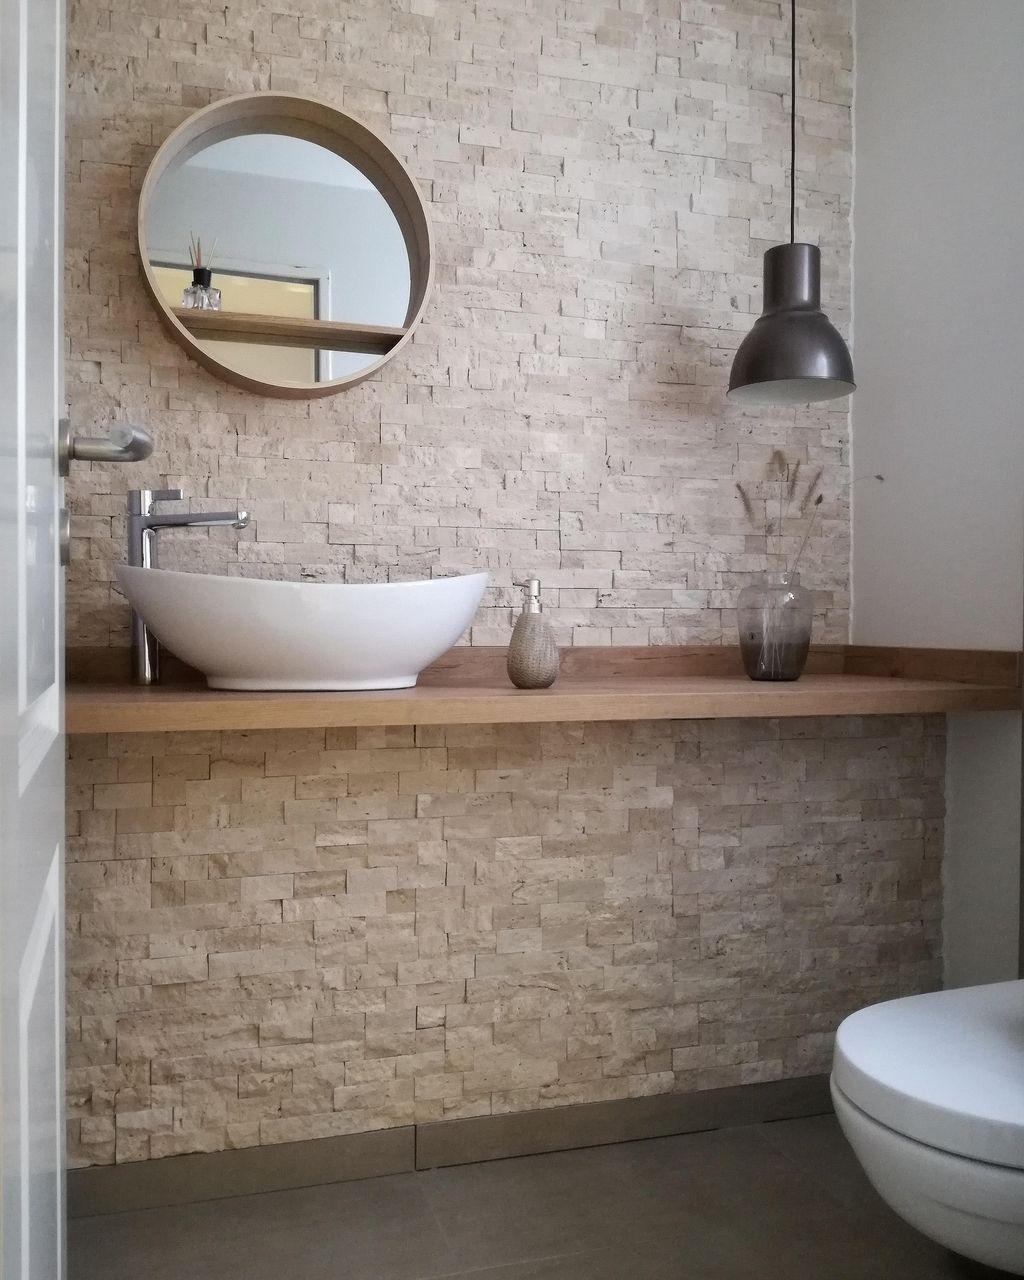 Badezimmer Einrichten So Machst Du Jede Grosse Schon Gaste Wc Gestalten Badezimmer Naturstein Und Badezimmer Holz